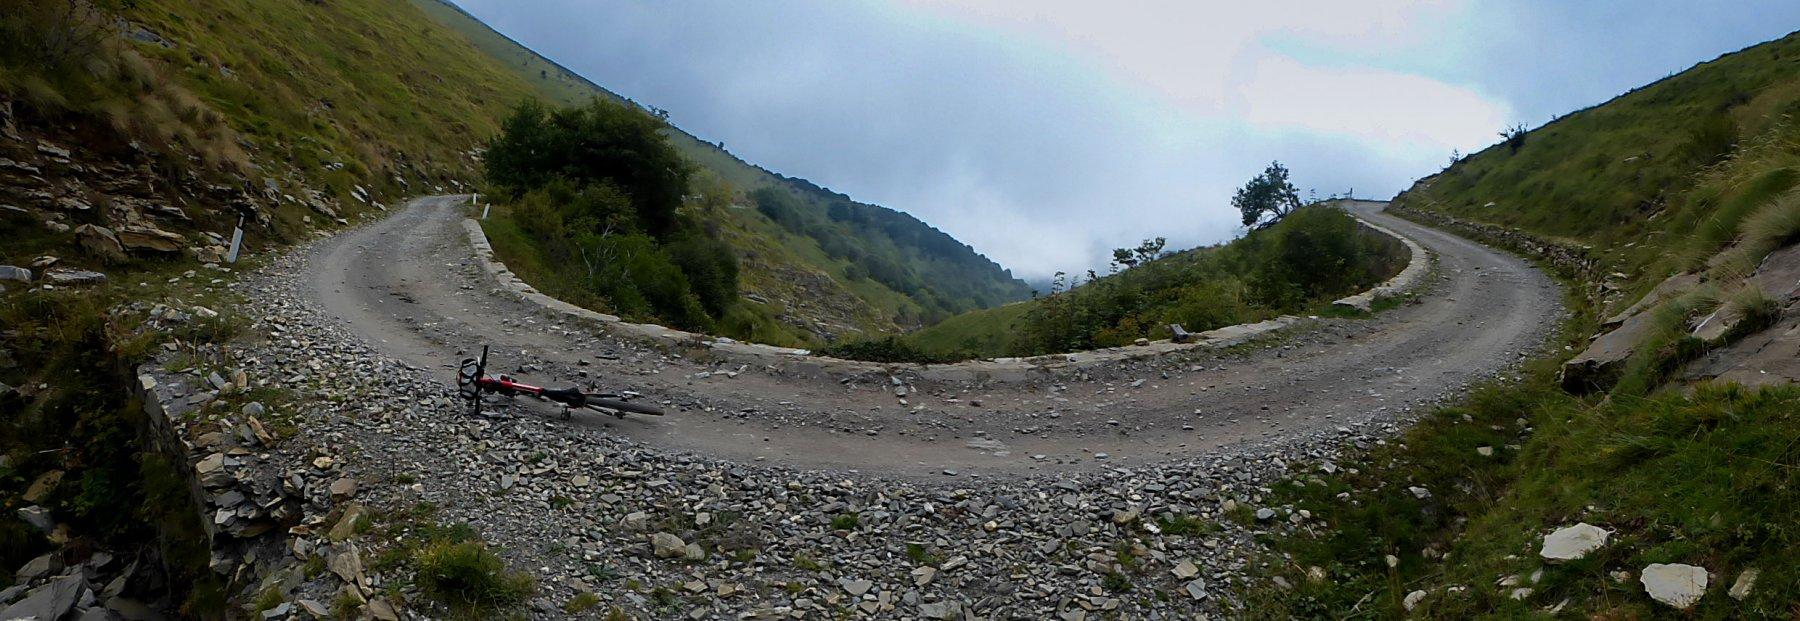 Sanson (Baisse de) da Ventimiglia al Passo del Faiallo per l'Alta Via dei Monti Liguri 2018-09-20